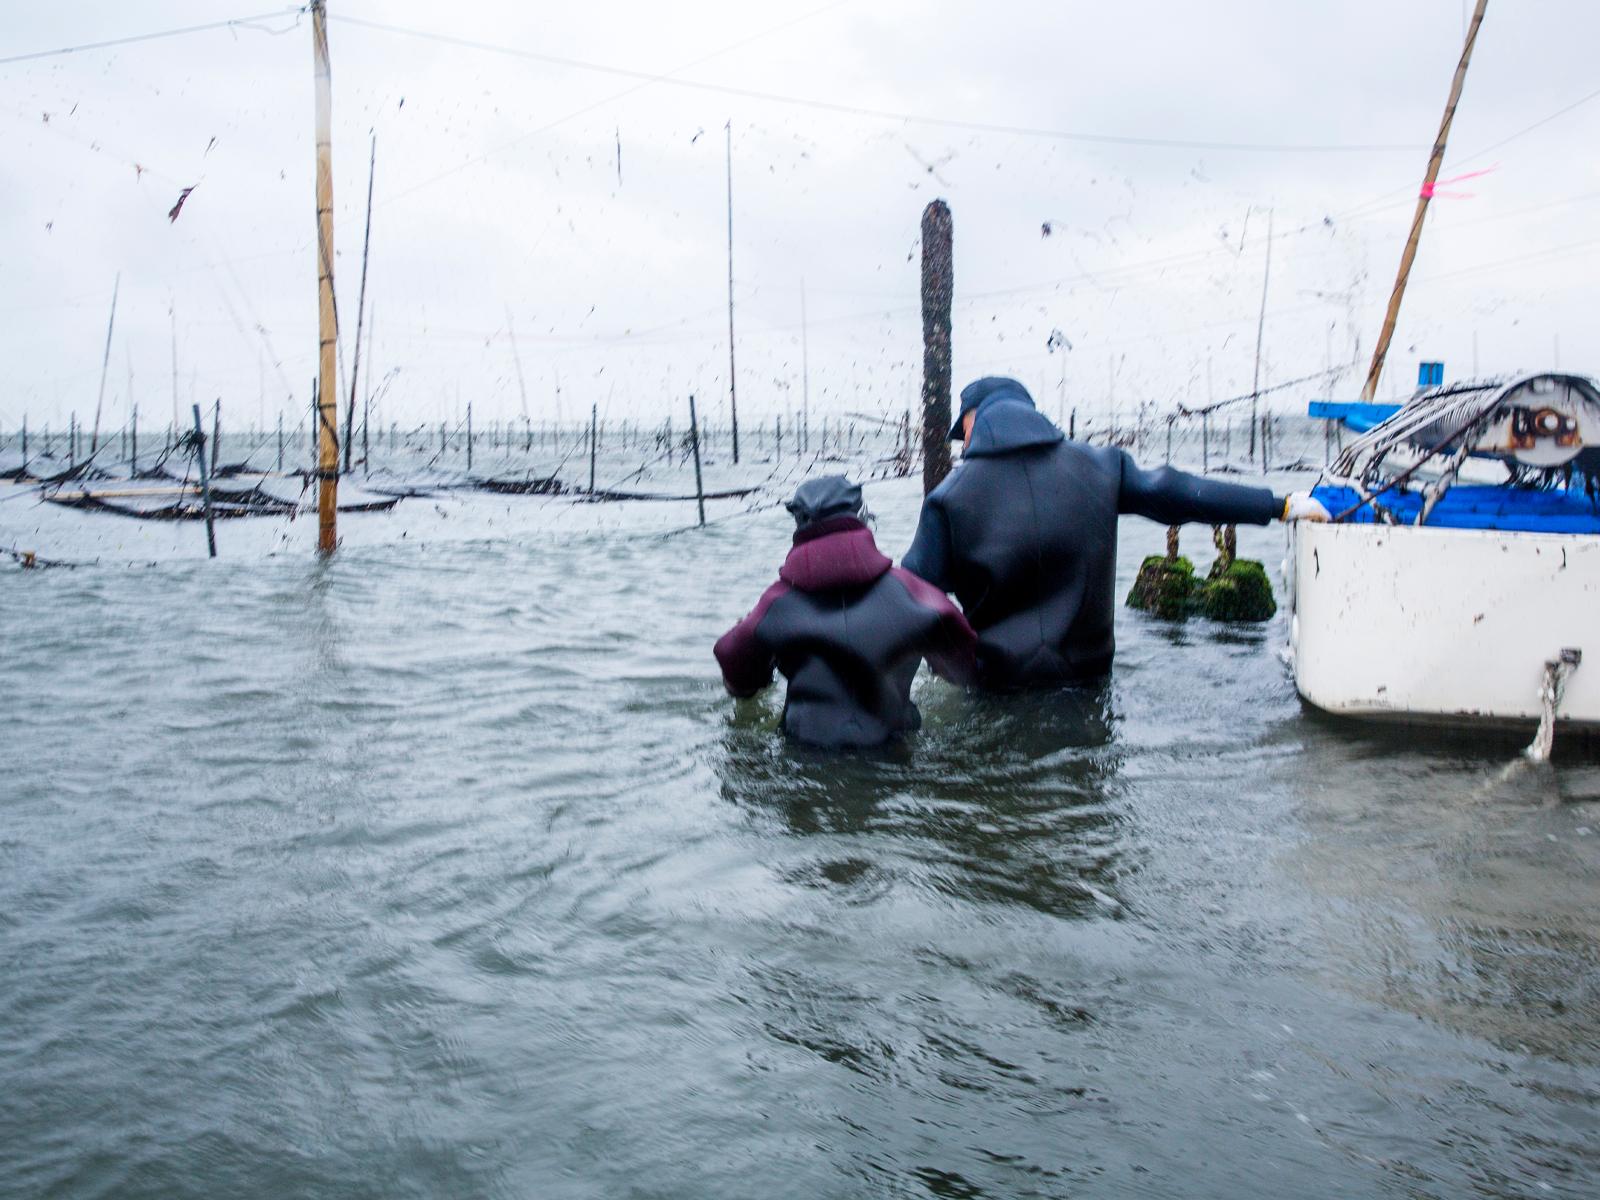 1月末〜2月の収穫シーズンになると二人で漁場に向かい、海に入って収穫作業を行う。